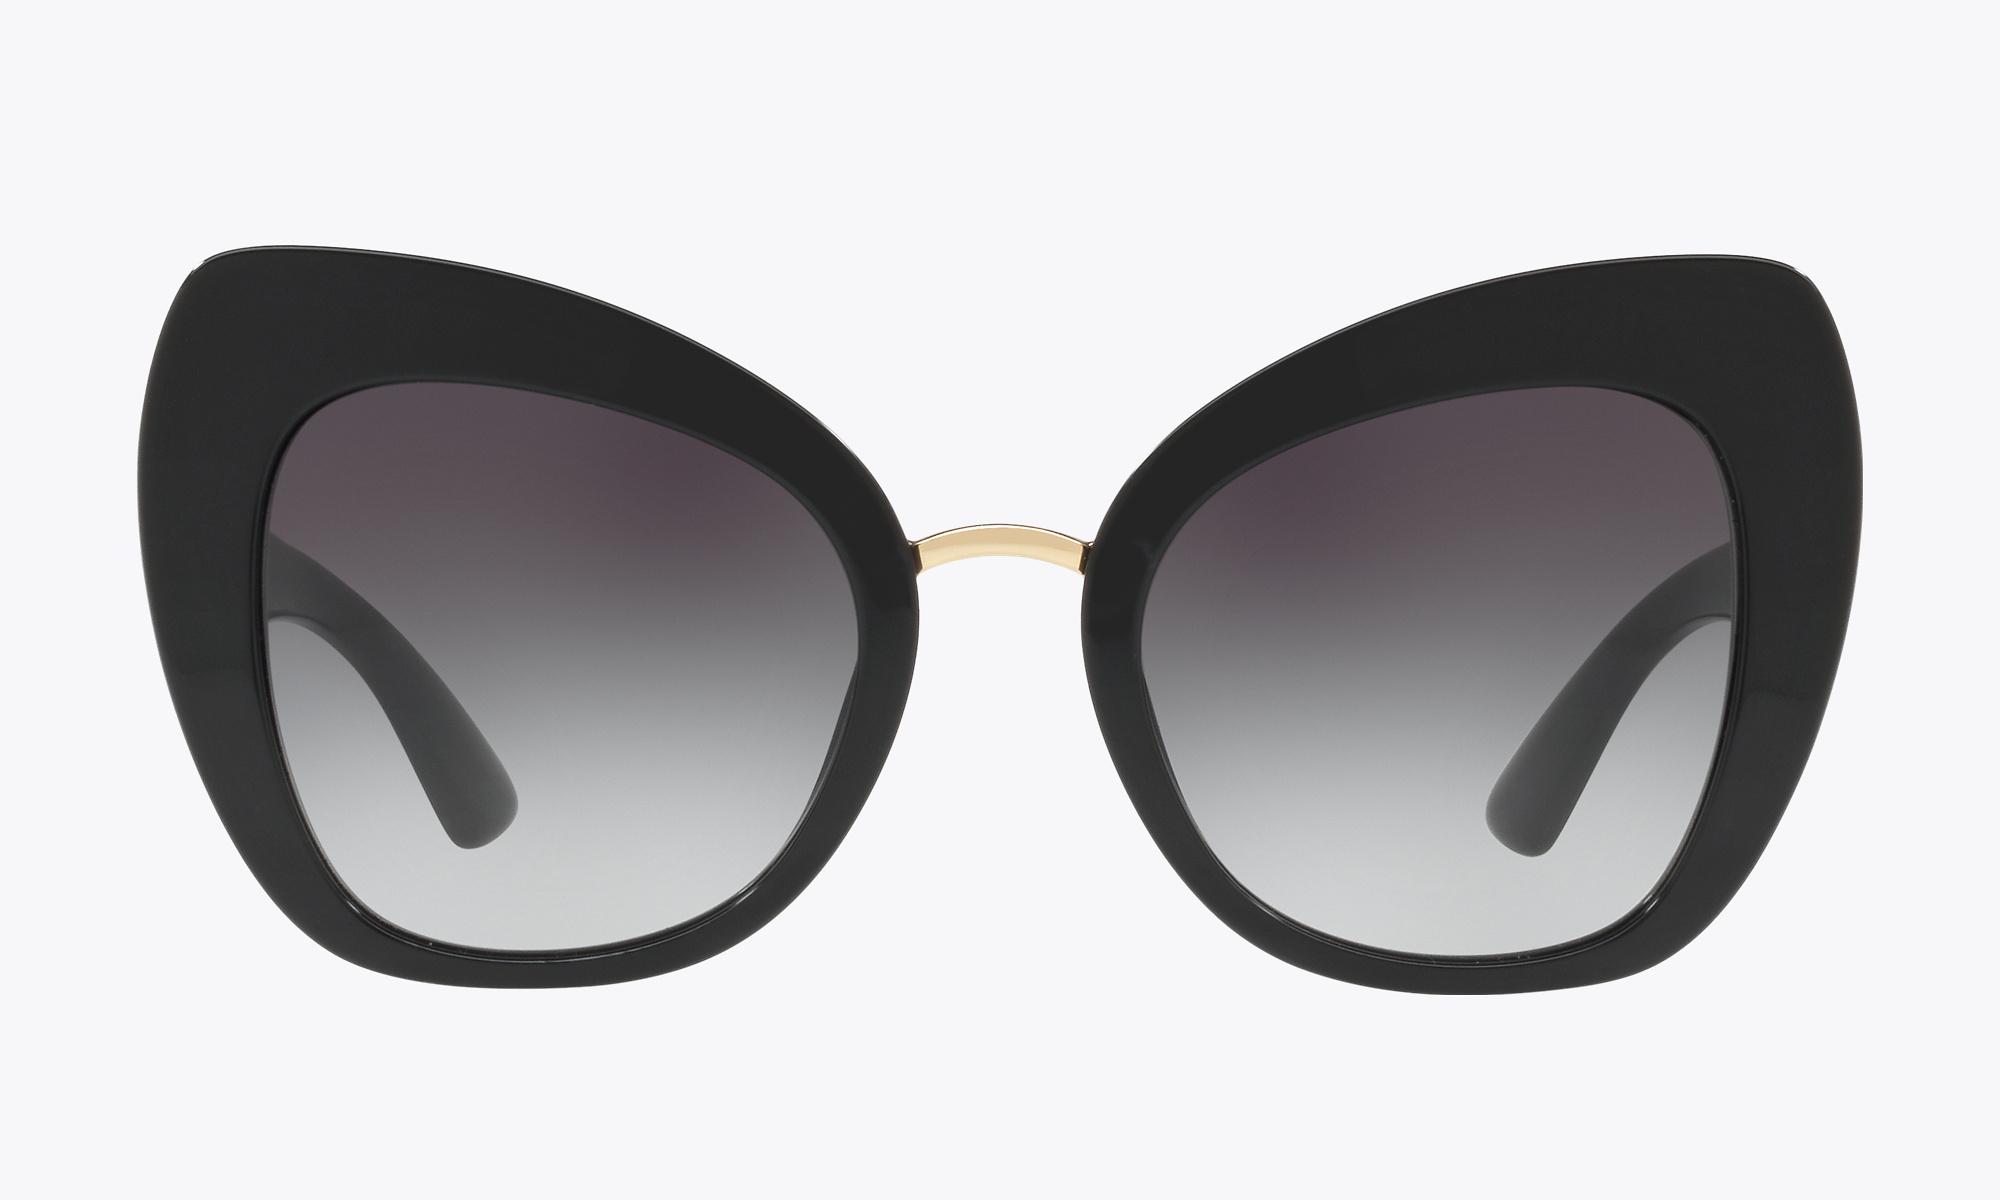 Image of Dolce & Gabbana DG4319 color Black